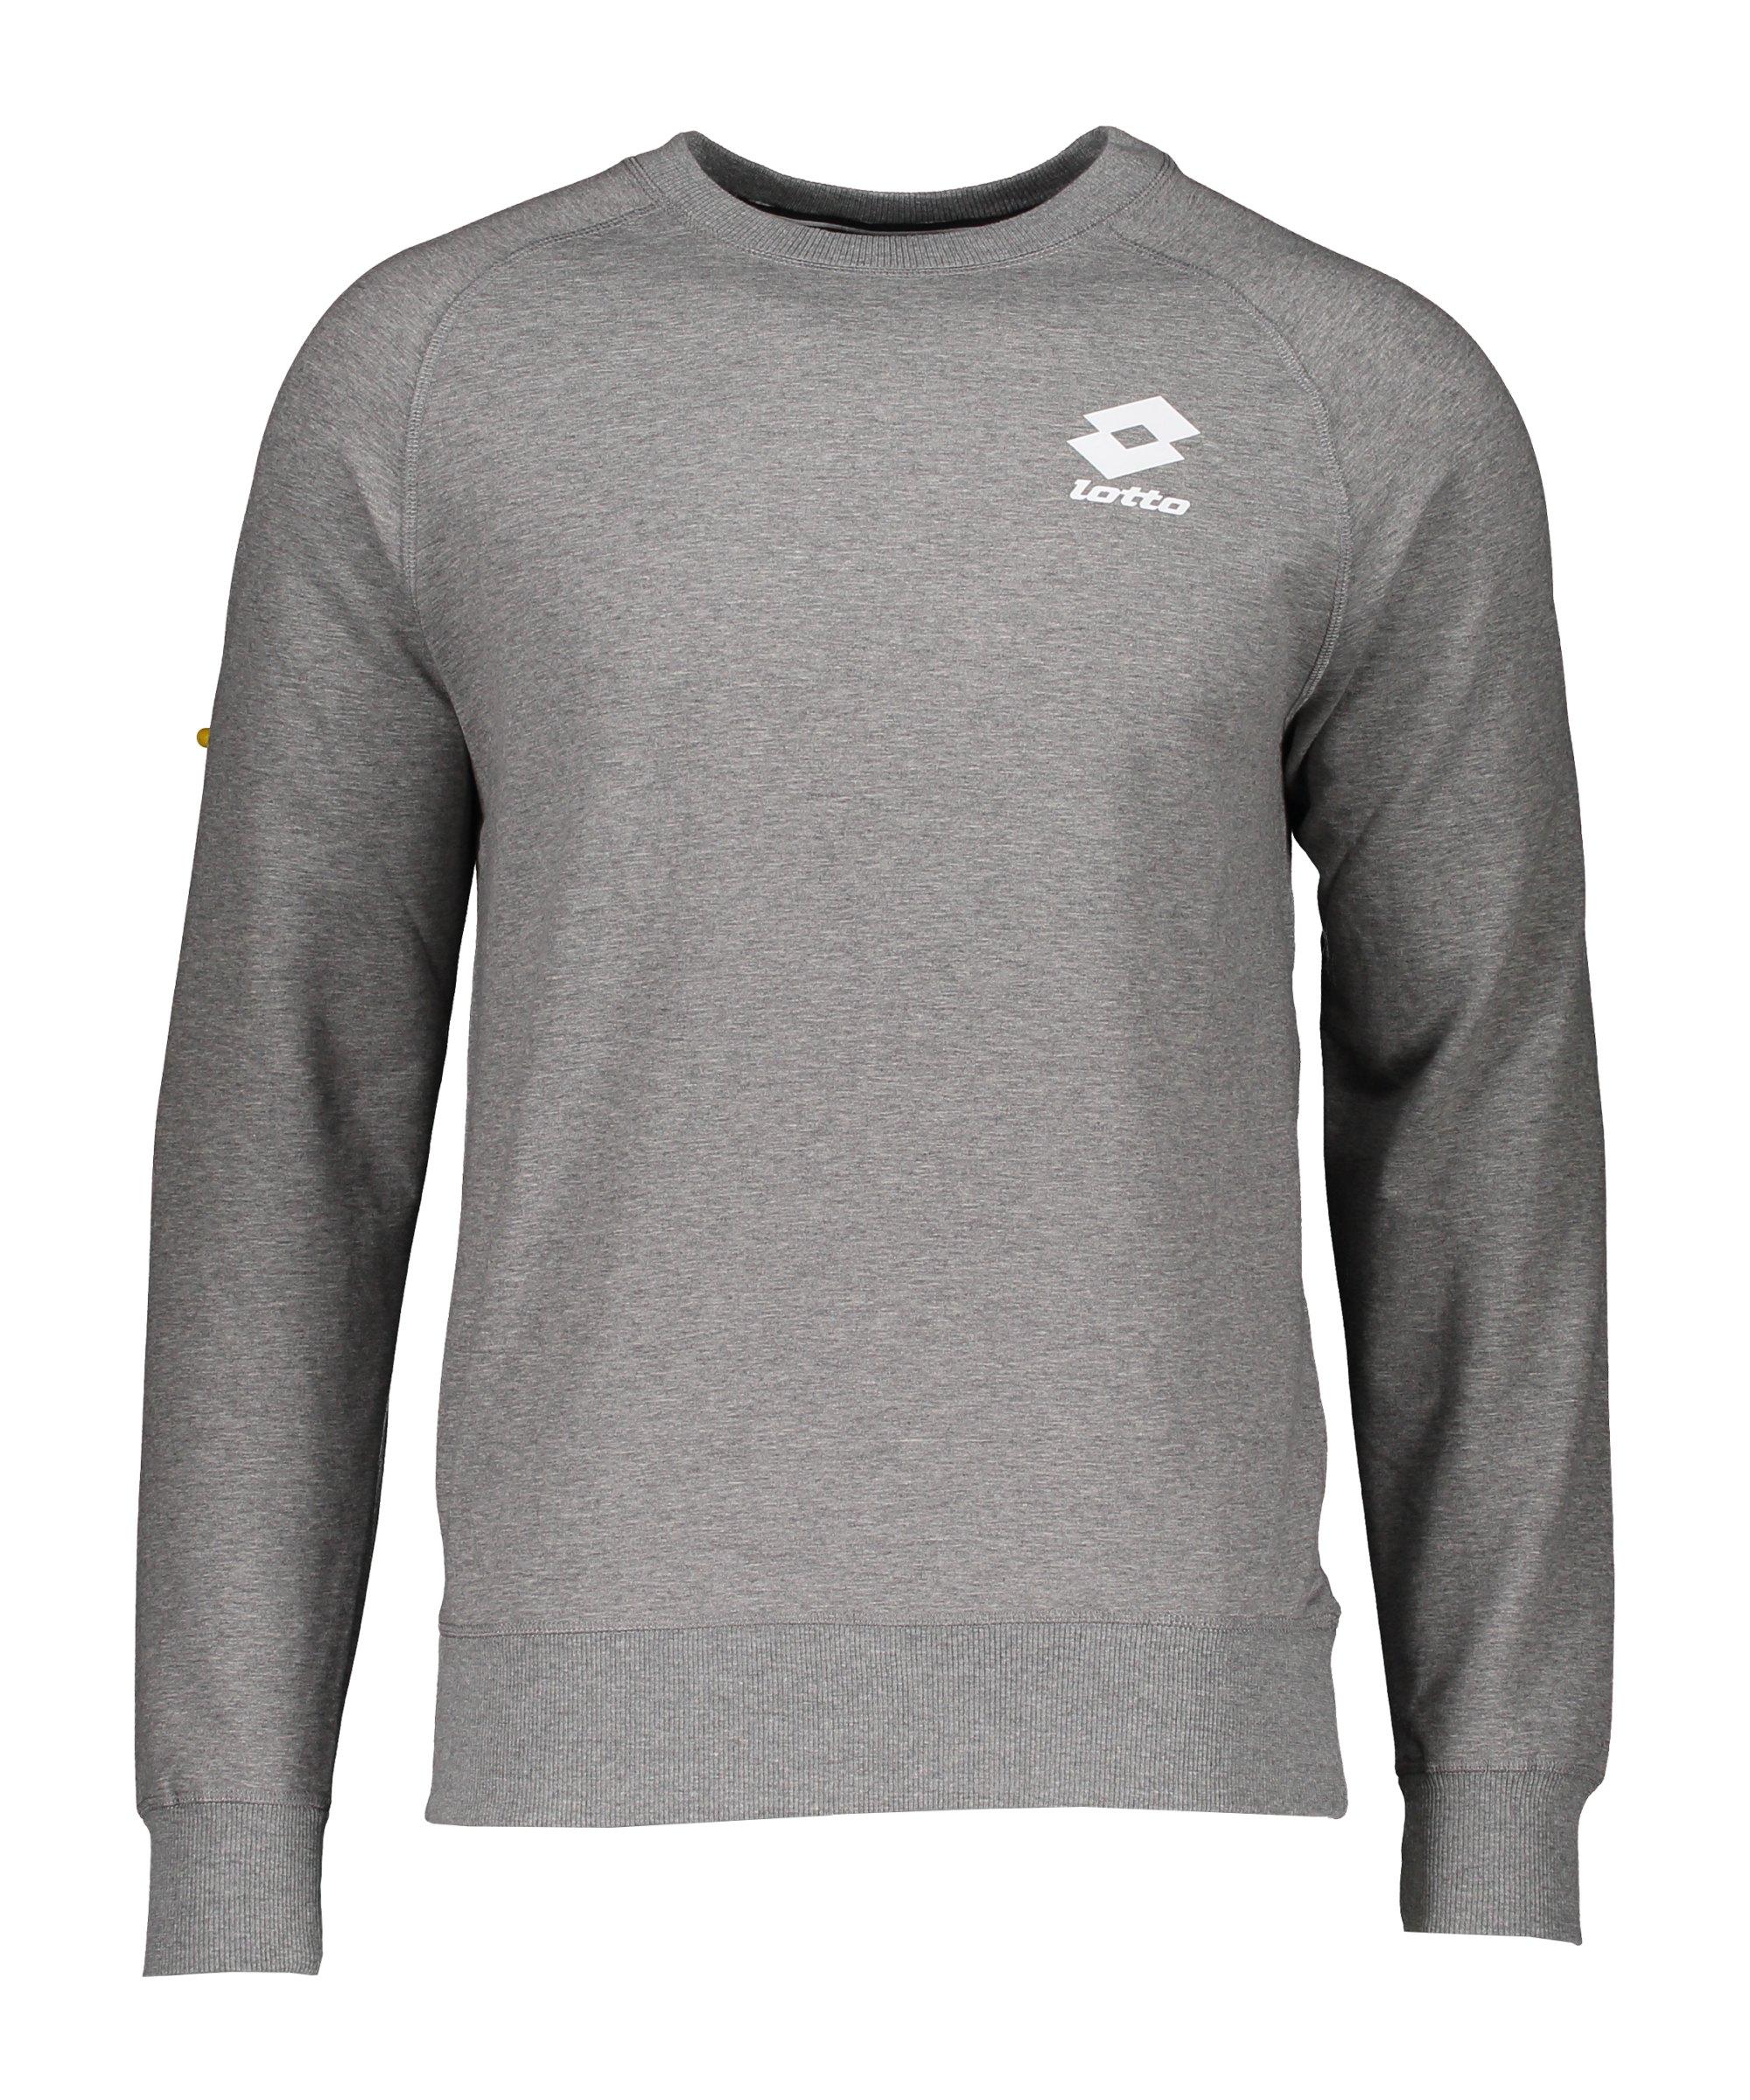 Lotto Smart Sweatshirt Grau FQ17 - grau